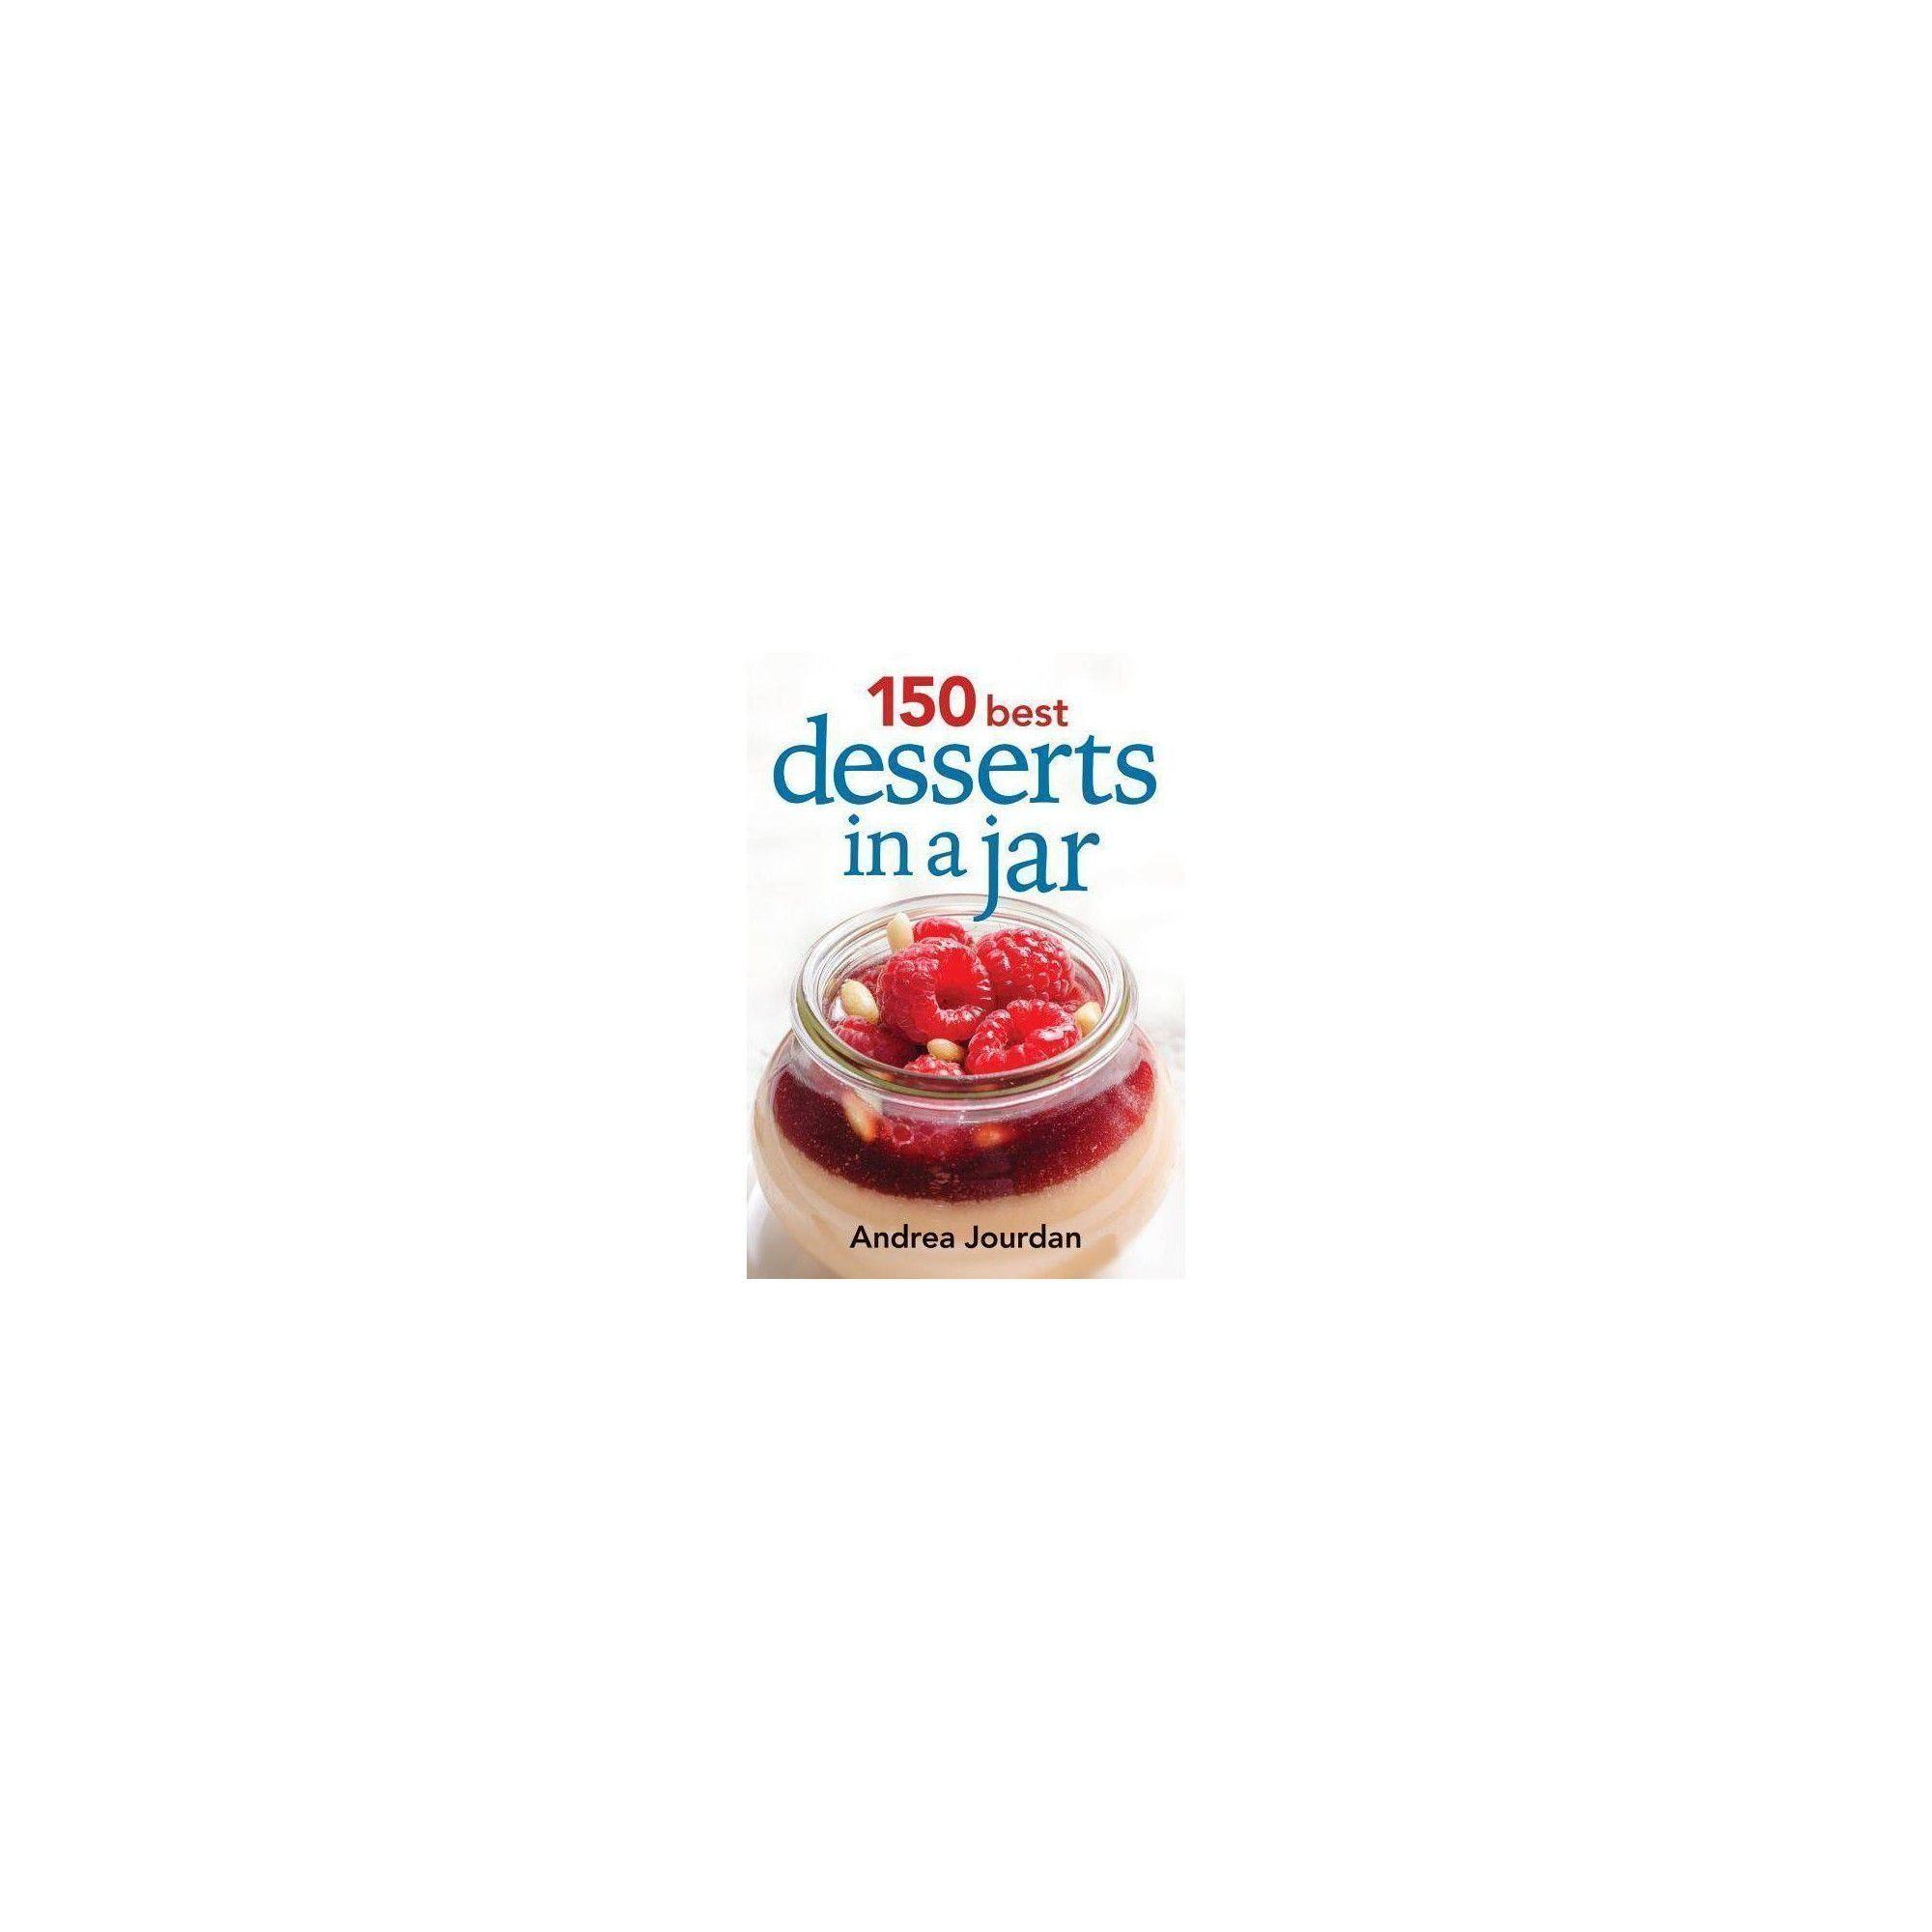 150 Best Desserts in a Jar - by Andrea Jourdan (Paperback) #peachcobblercheesecakeinajar 150 Best Desserts in a Jar - by Andrea Jourdan (Paperback) #peachcobblercheesecakeinajar 150 Best Desserts in a Jar - by Andrea Jourdan (Paperback) #peachcobblercheesecakeinajar 150 Best Desserts in a Jar - by Andrea Jourdan (Paperback) #peachcobblercheesecakeinajar 150 Best Desserts in a Jar - by Andrea Jourdan (Paperback) #peachcobblercheesecakeinajar 150 Best Desserts in a Jar - by Andrea Jourdan (Paperba #peachcobblercheesecakeinajar